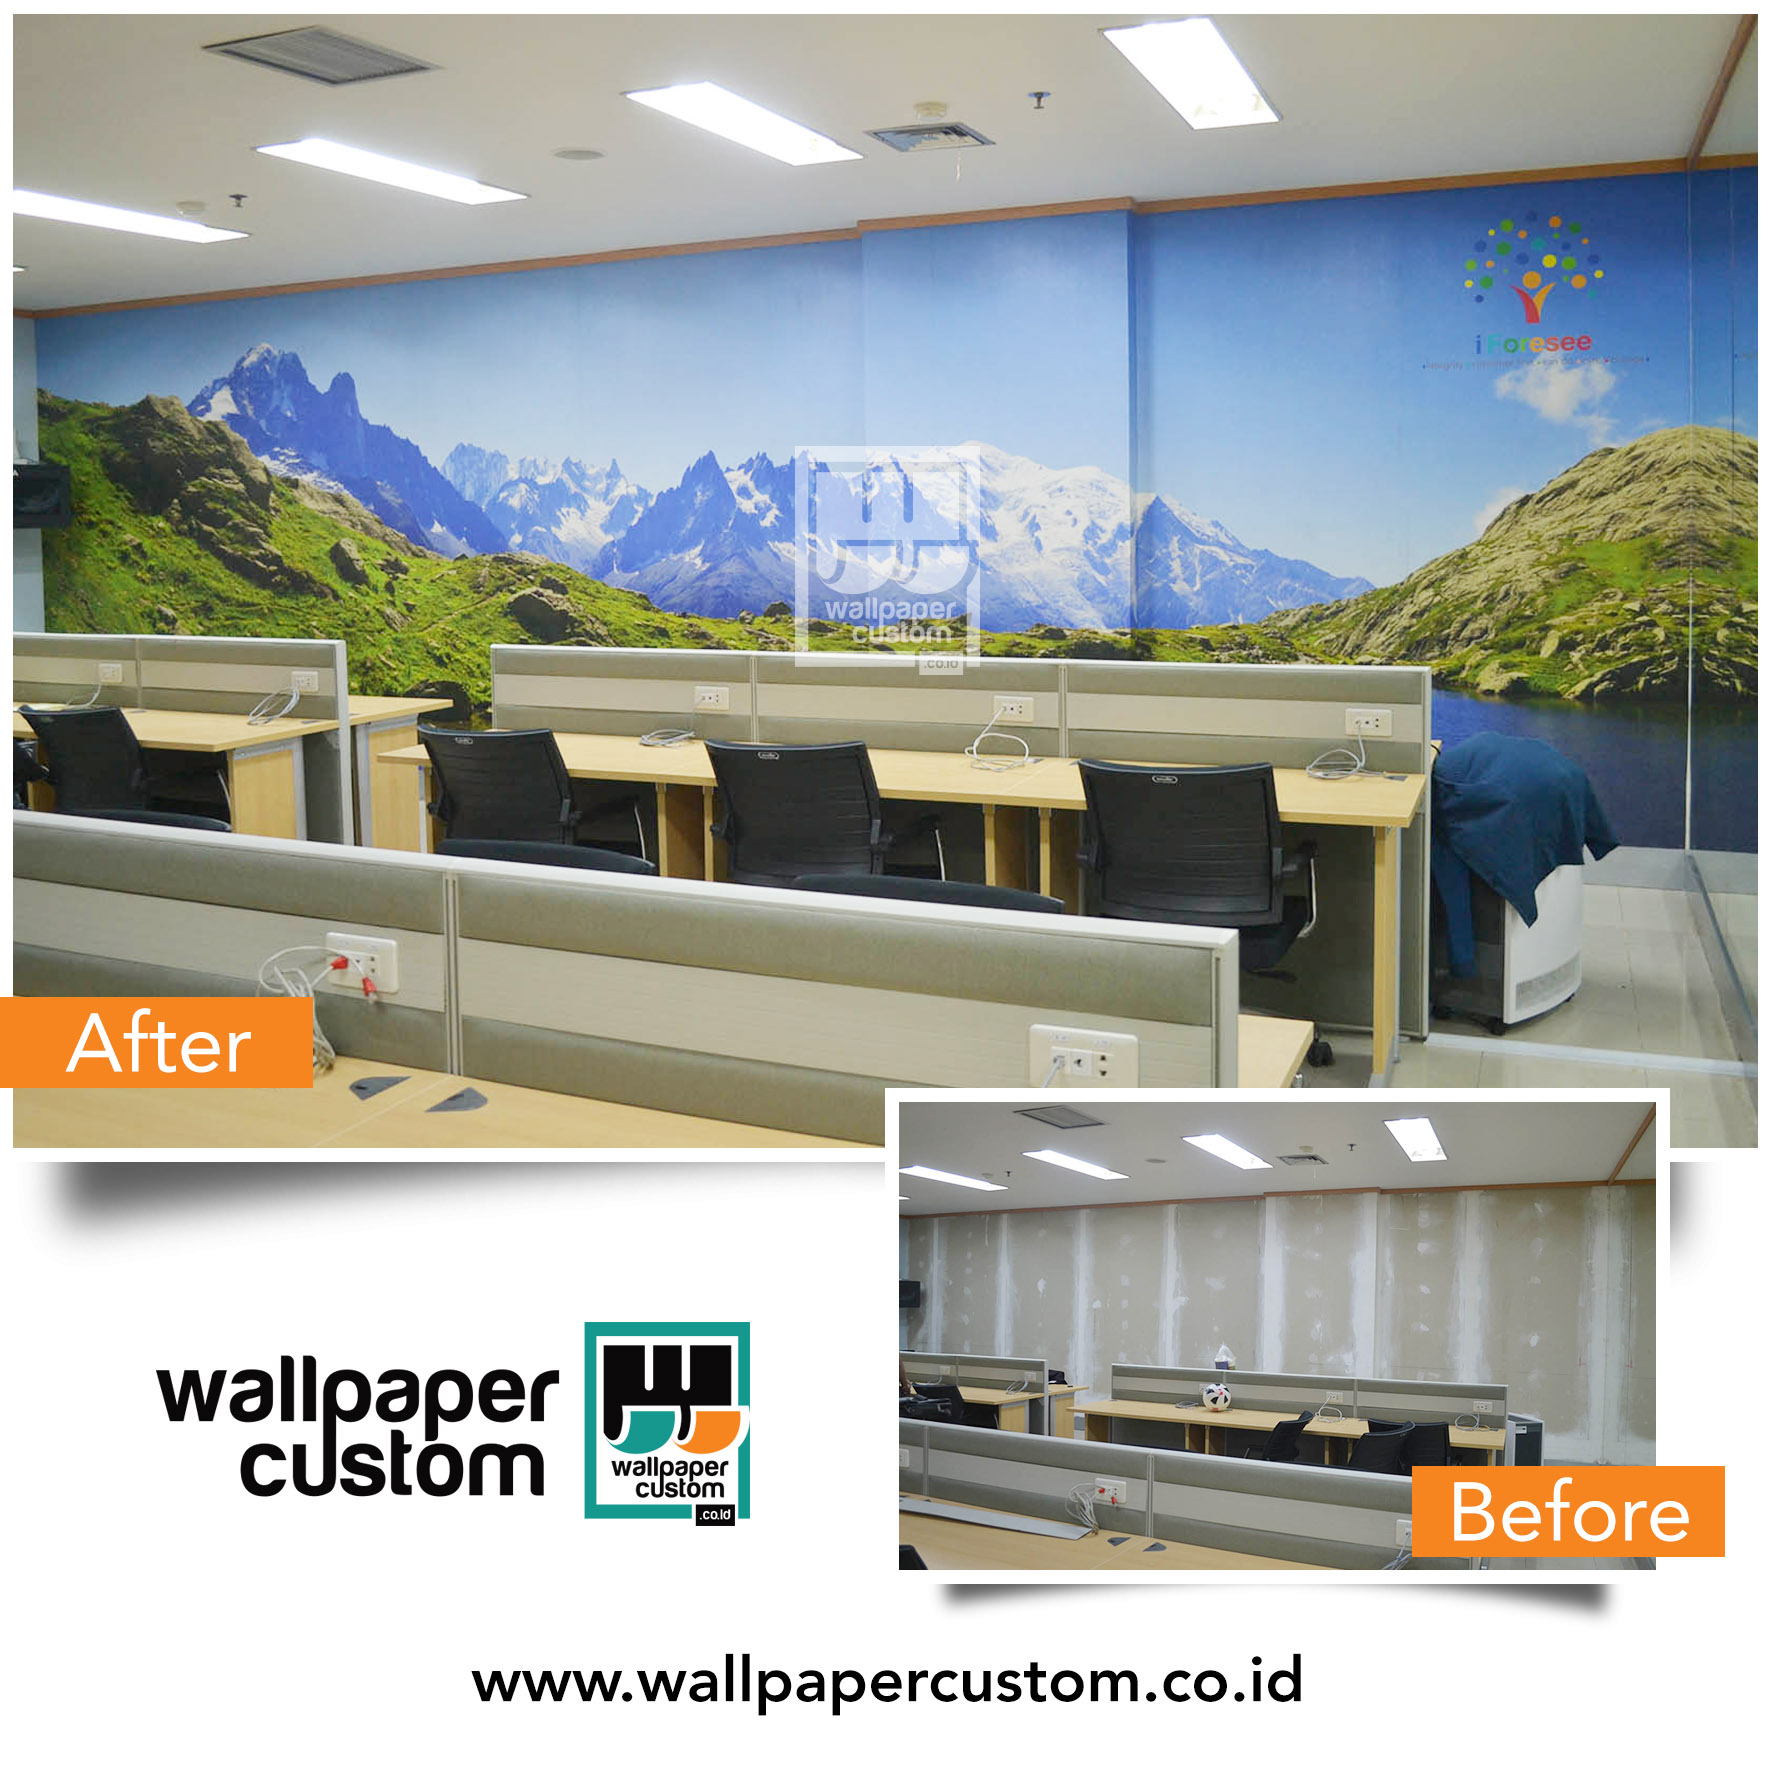 Wallpaper Custom